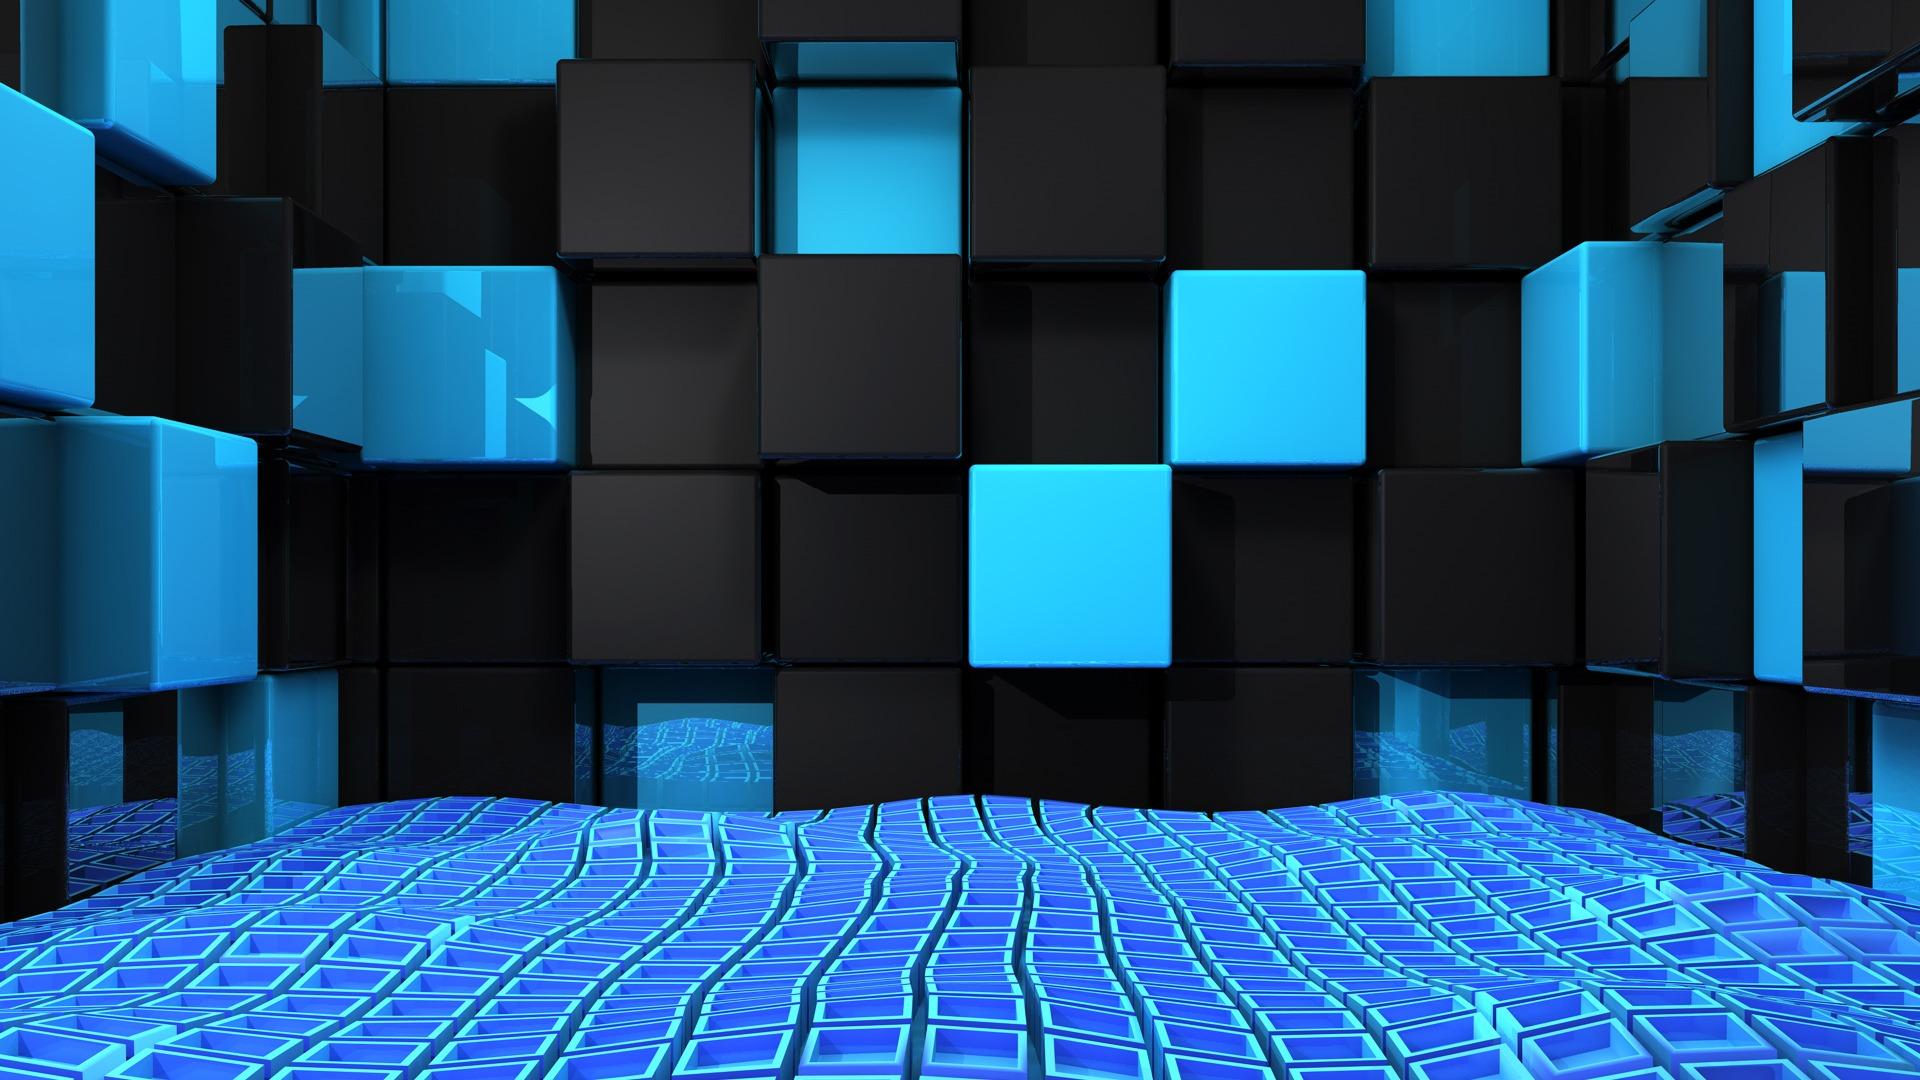 Nexus 1080p Desktop Wallpaper Abstract Black 5831 Hd Wallpapers 1920x1080